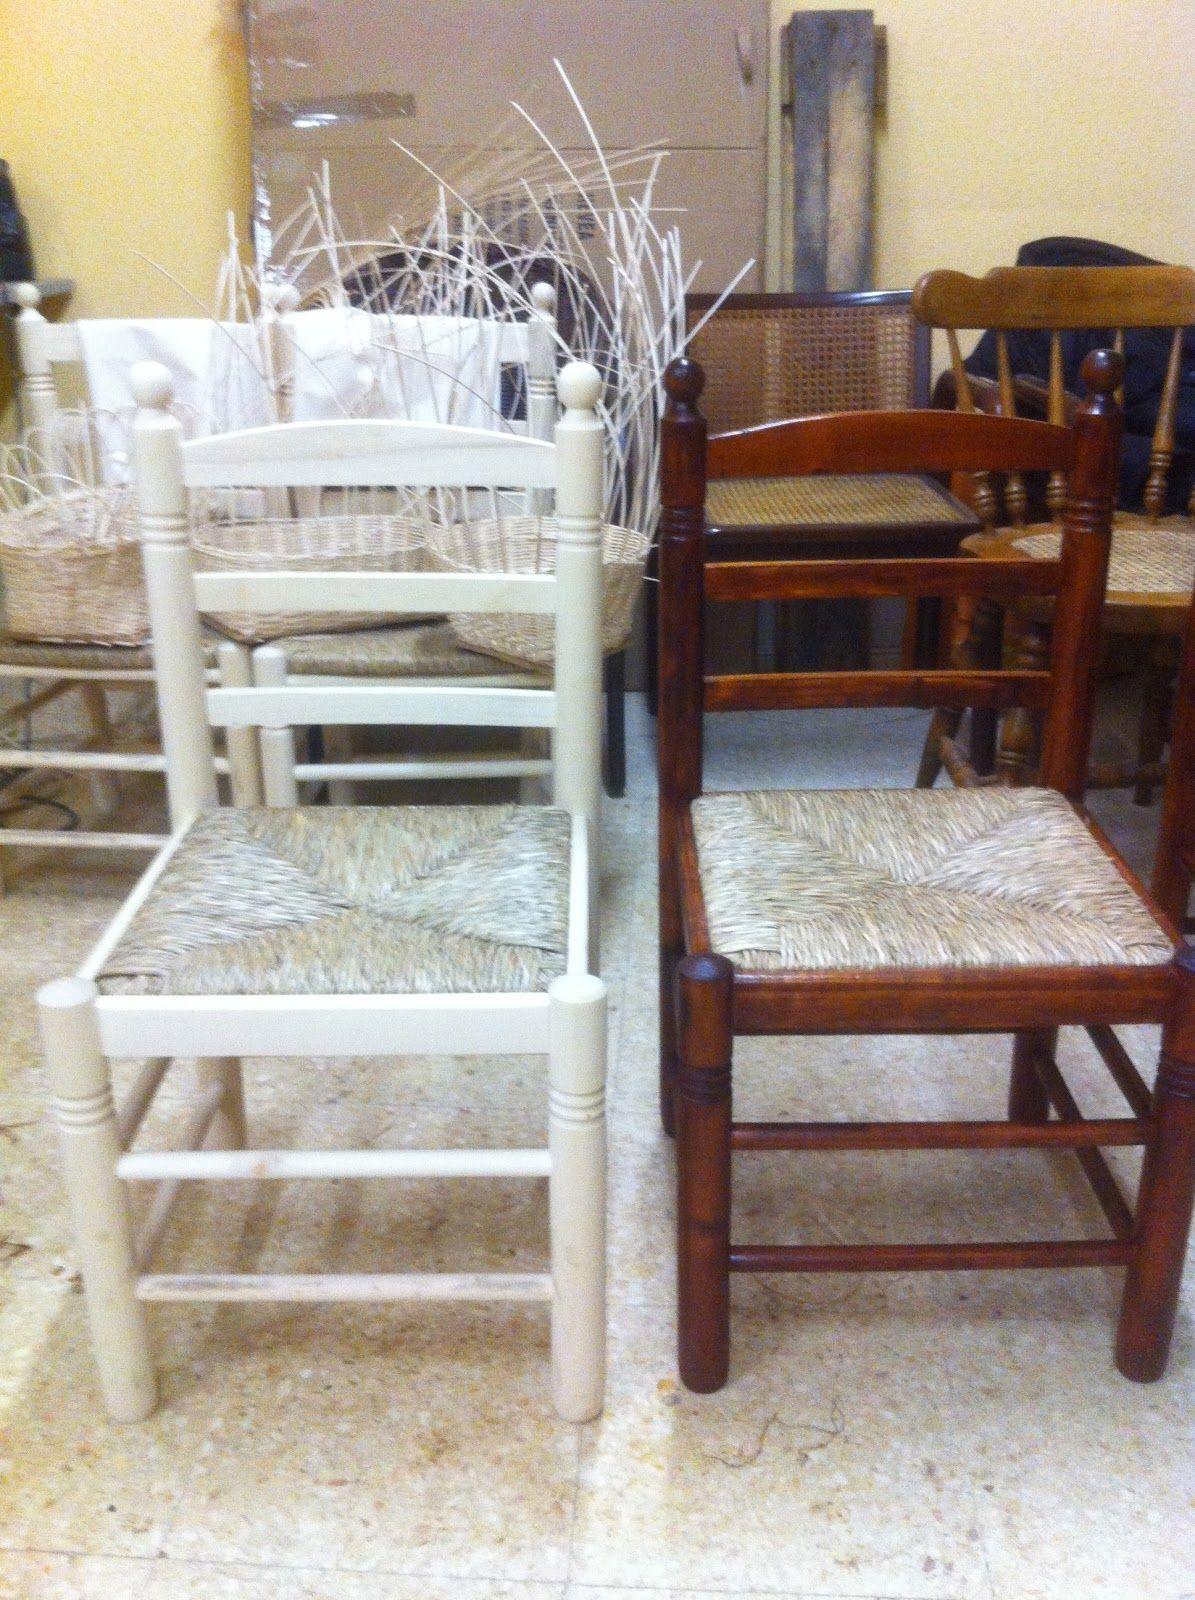 Rejilla enea reparacion sillas restauraci n mimbre - Reparacion de sillas de rejilla ...